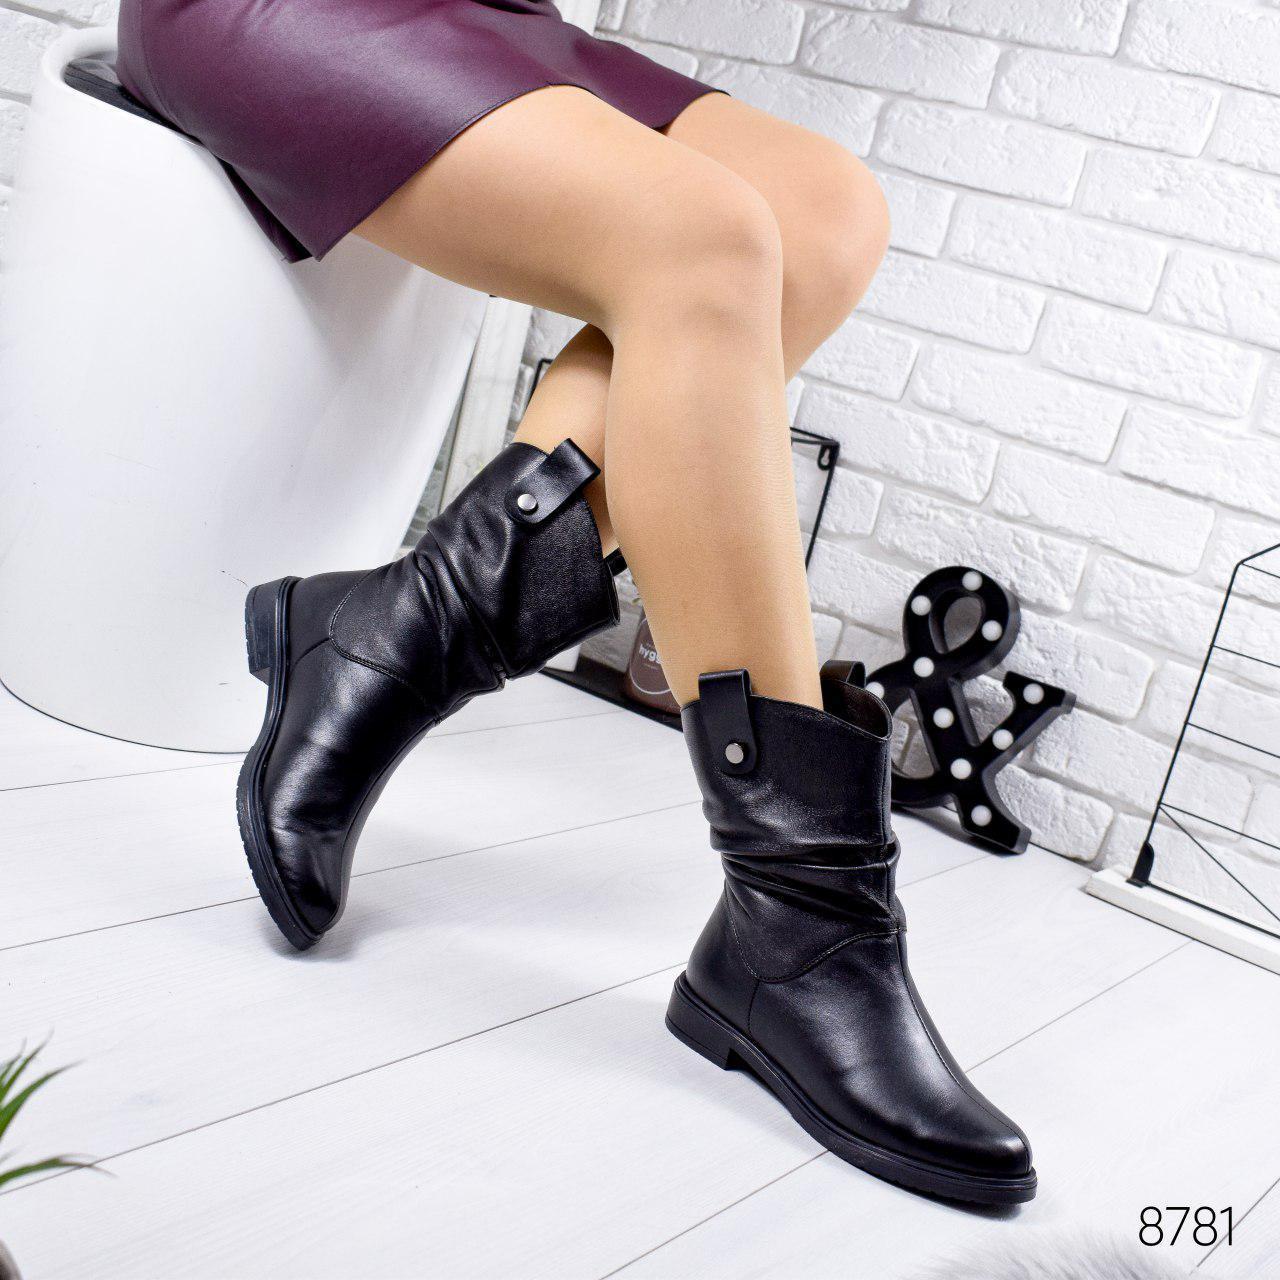 Ботинки женские зимние, черного цвета из натуральной кожи 8781. Черевики жіночі. Ботинки зима